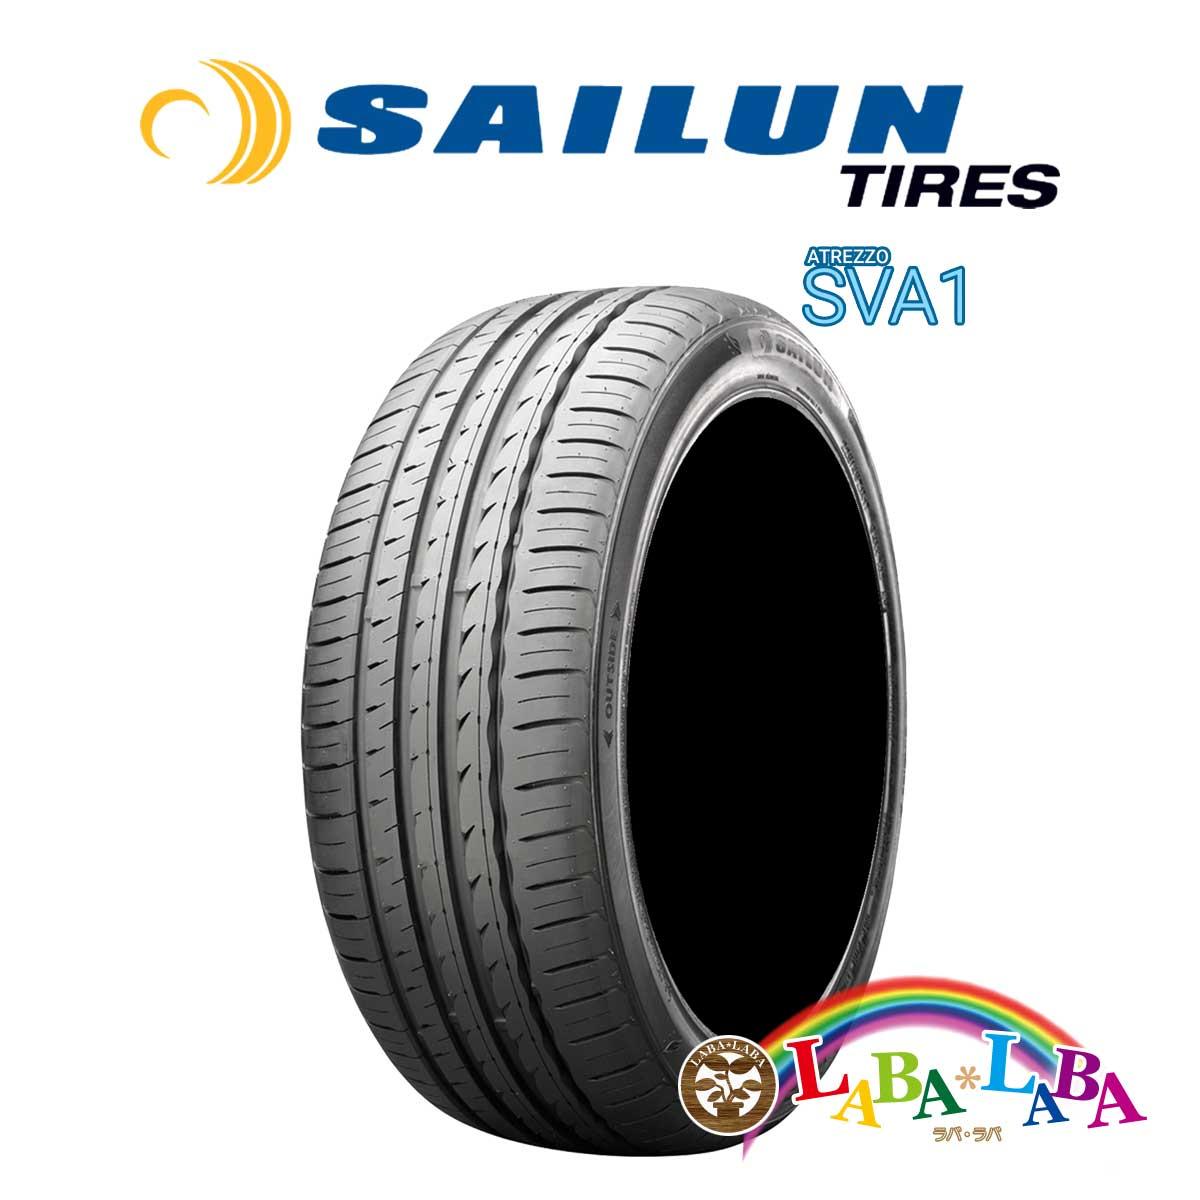 SAILUN サイレン ATREZZO アトレッツォ SVA1 245/40R20 99Y XL サマータイヤ 4本セット